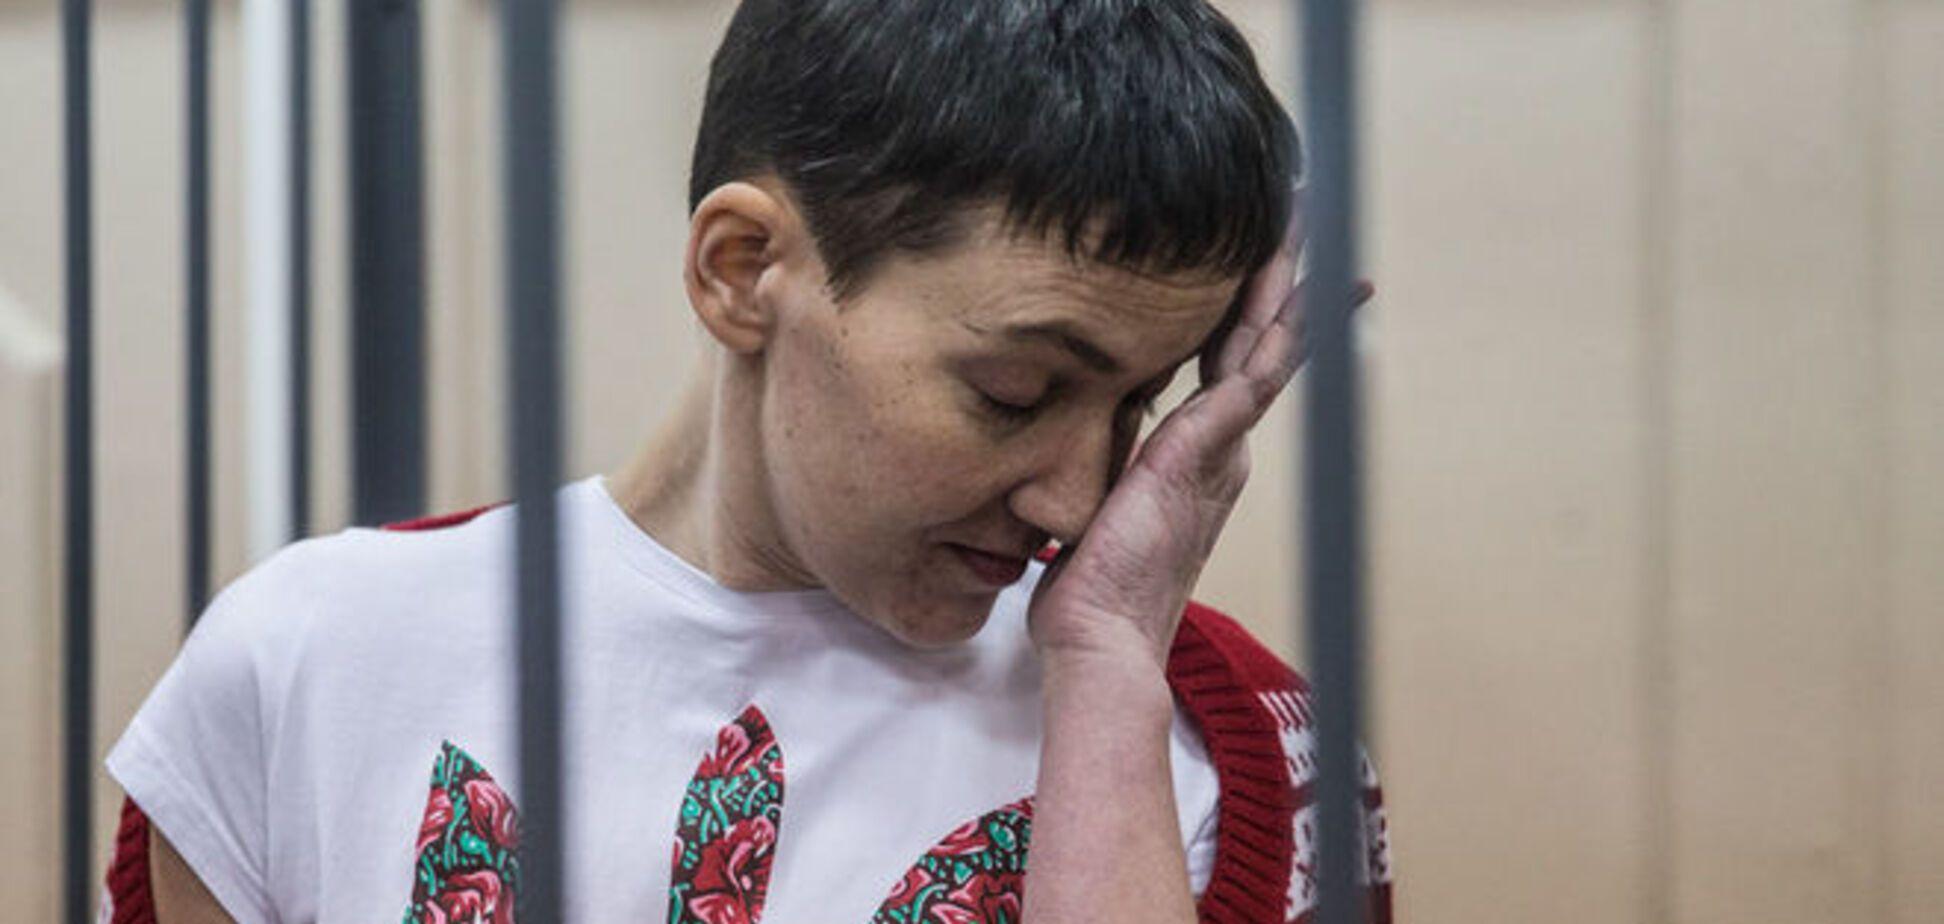 Суд оставил голодающую Савченко под арестом еще на 3 месяца